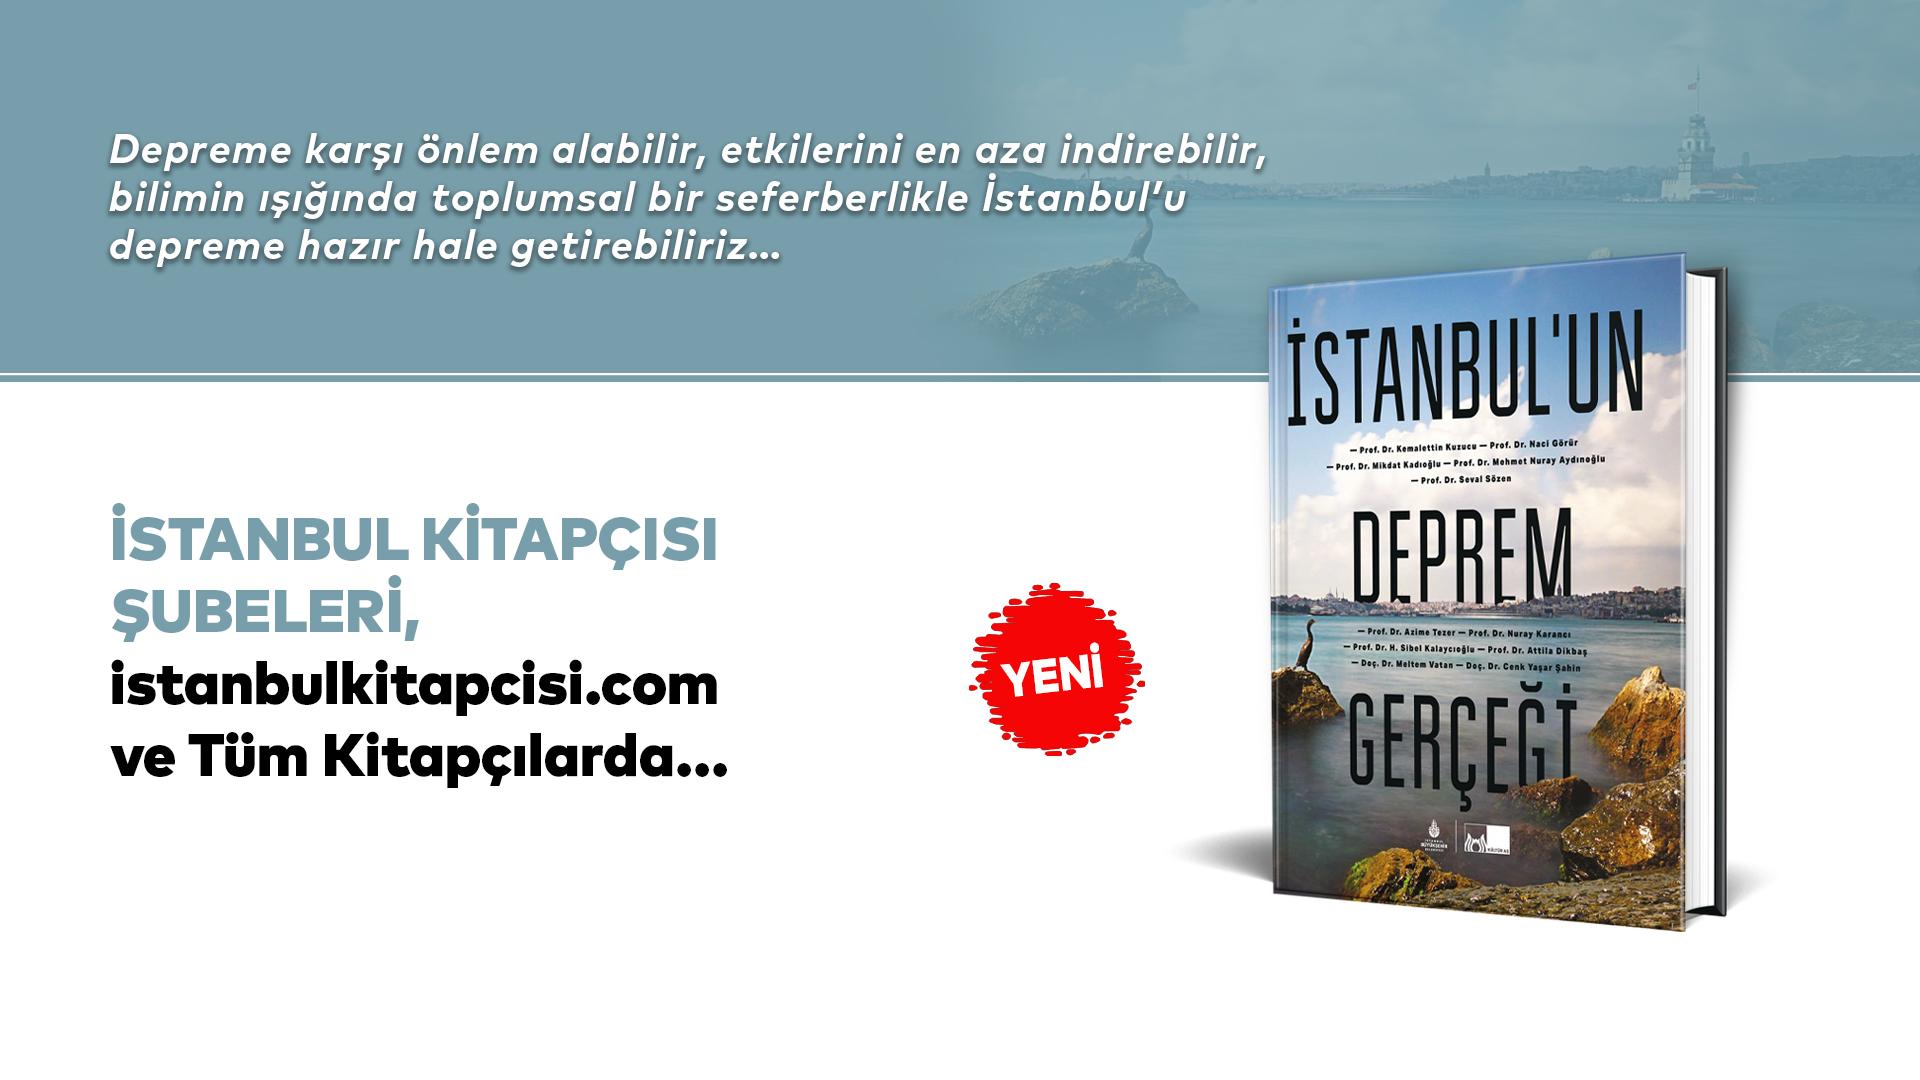 """Beklenen İstanbul depremiyle ilgili merak edilen tüm soruların yanıtları; """"İstanbul'un Deprem Gerçeği""""nde"""